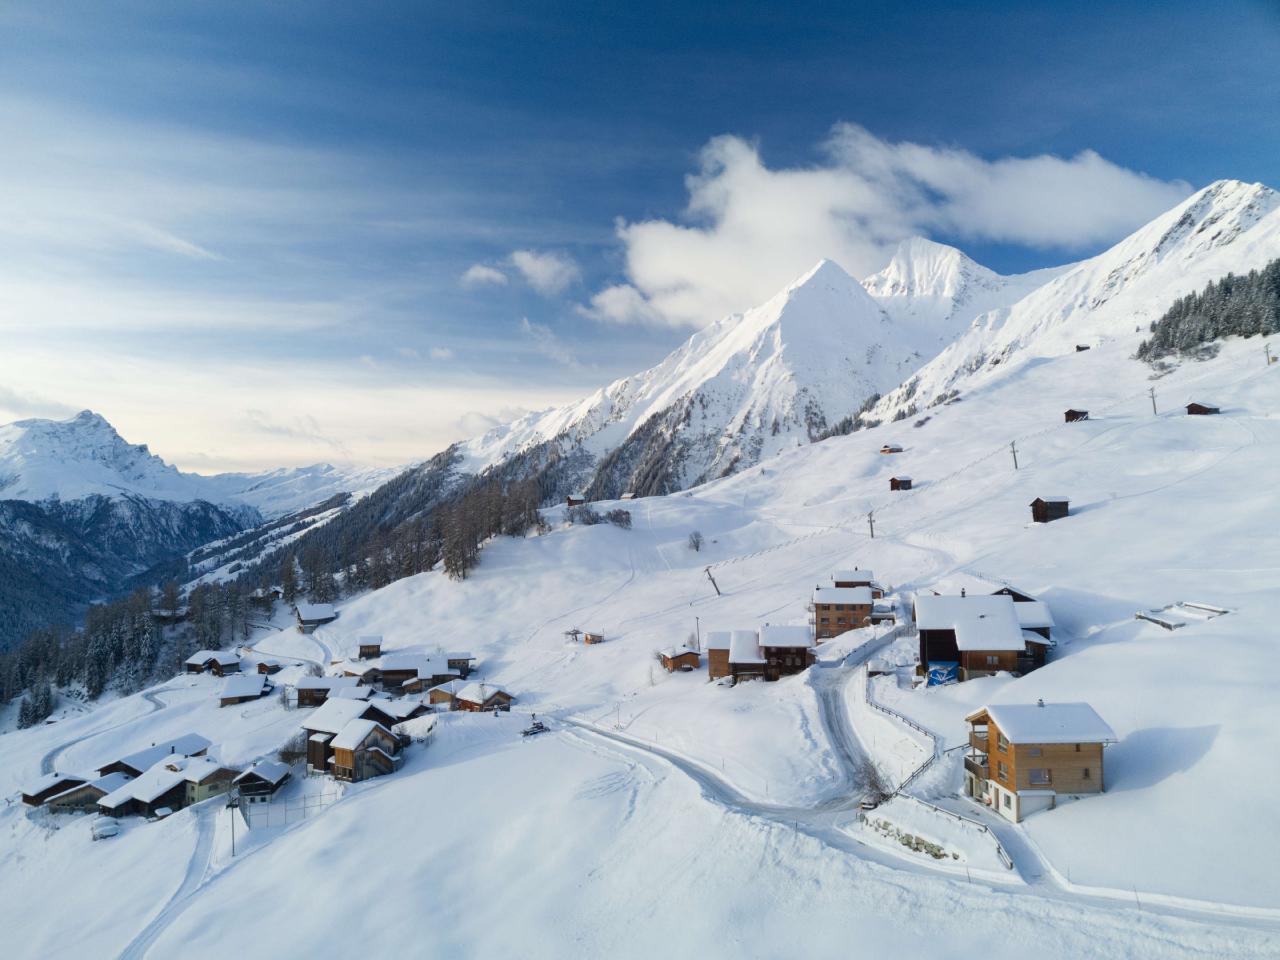 Ferienhaus Mittlagada (2509055), Tenna (CH), Safiental, Graubünden, Schweiz, Bild 22